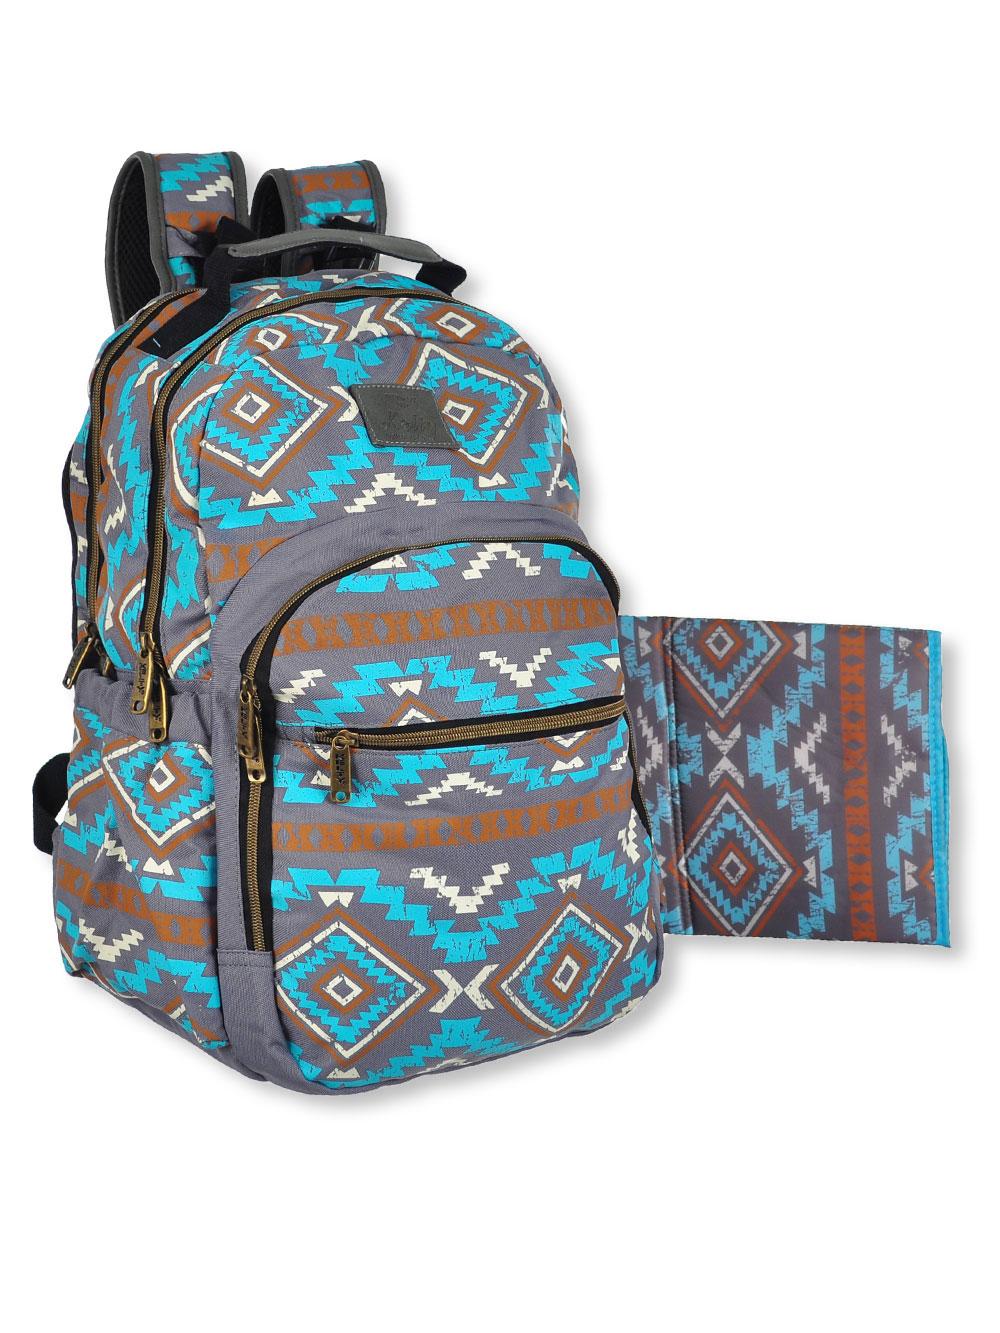 5262145af11 Kelty Backpack Diaper Bag